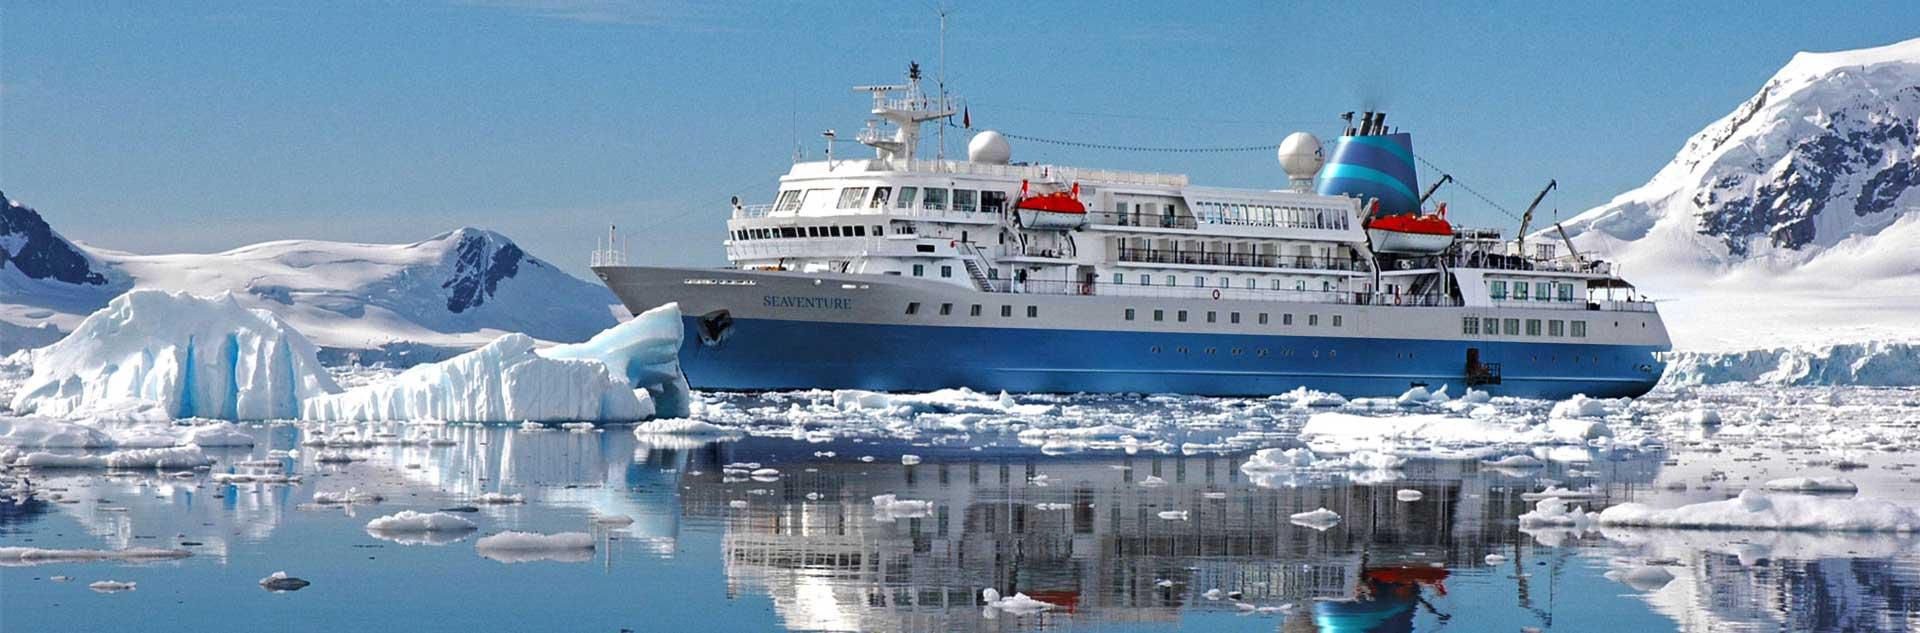 Expeditionskreuzfahrten ins Eis auf MS Seaventure mit Reiseart erleben